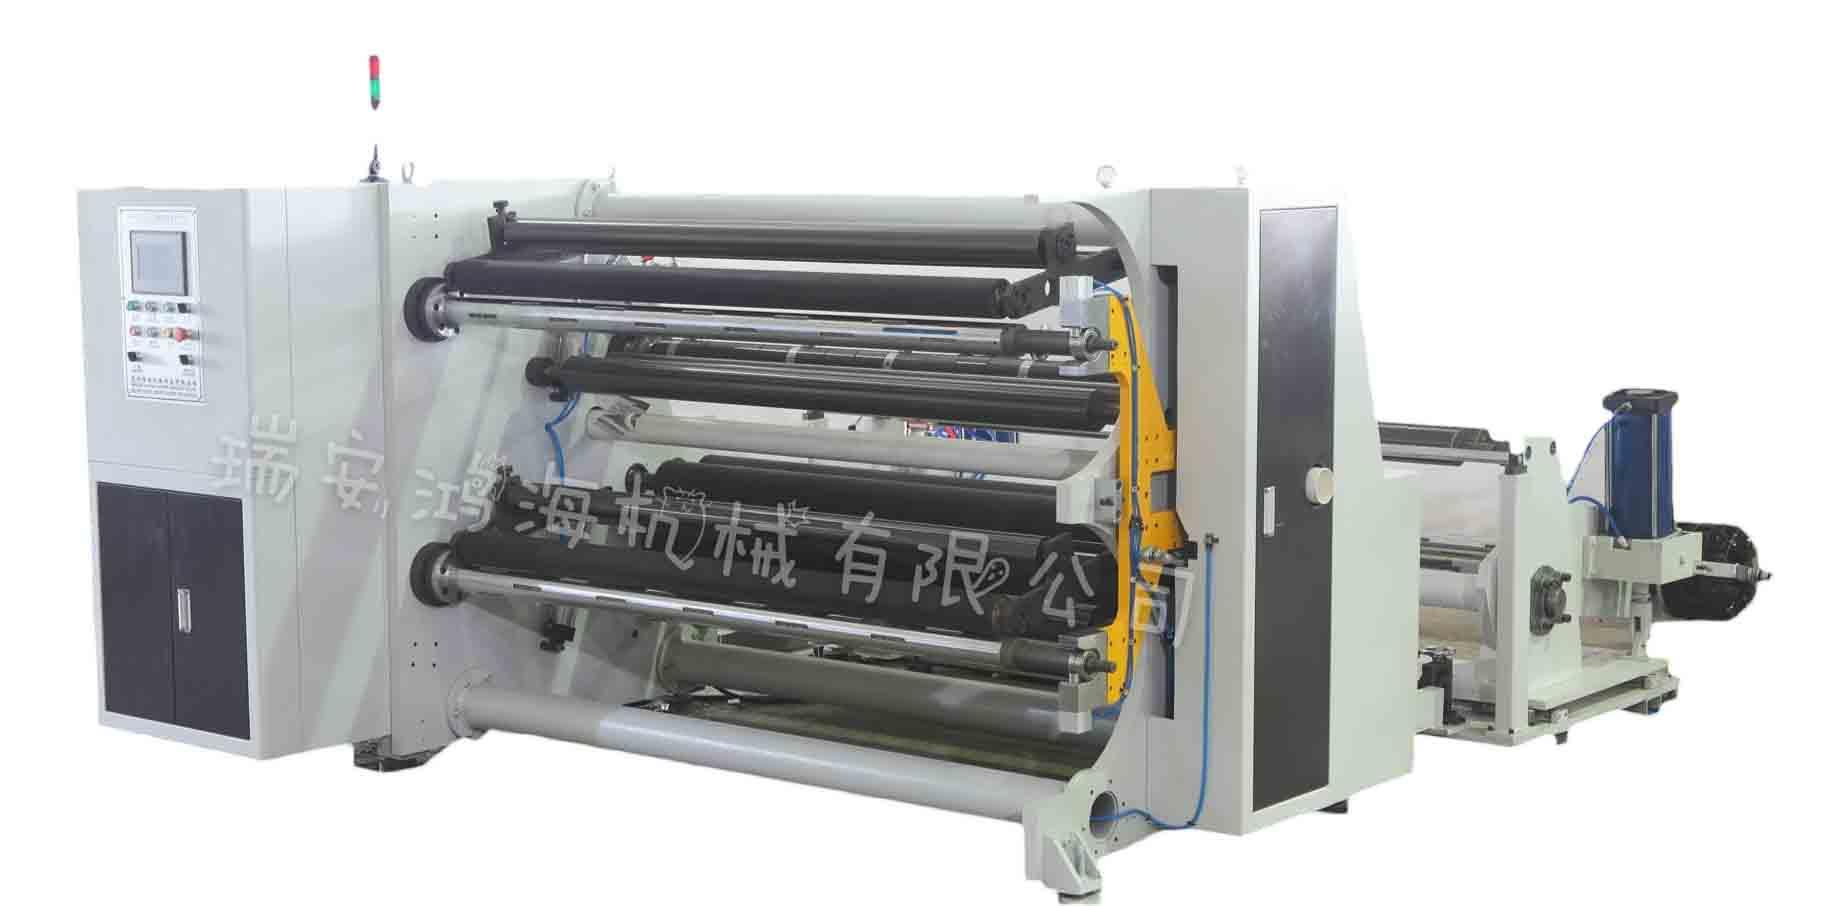 永州高质量的分切机_温州哪里有供应优良的全自动高速熔喷布分切机